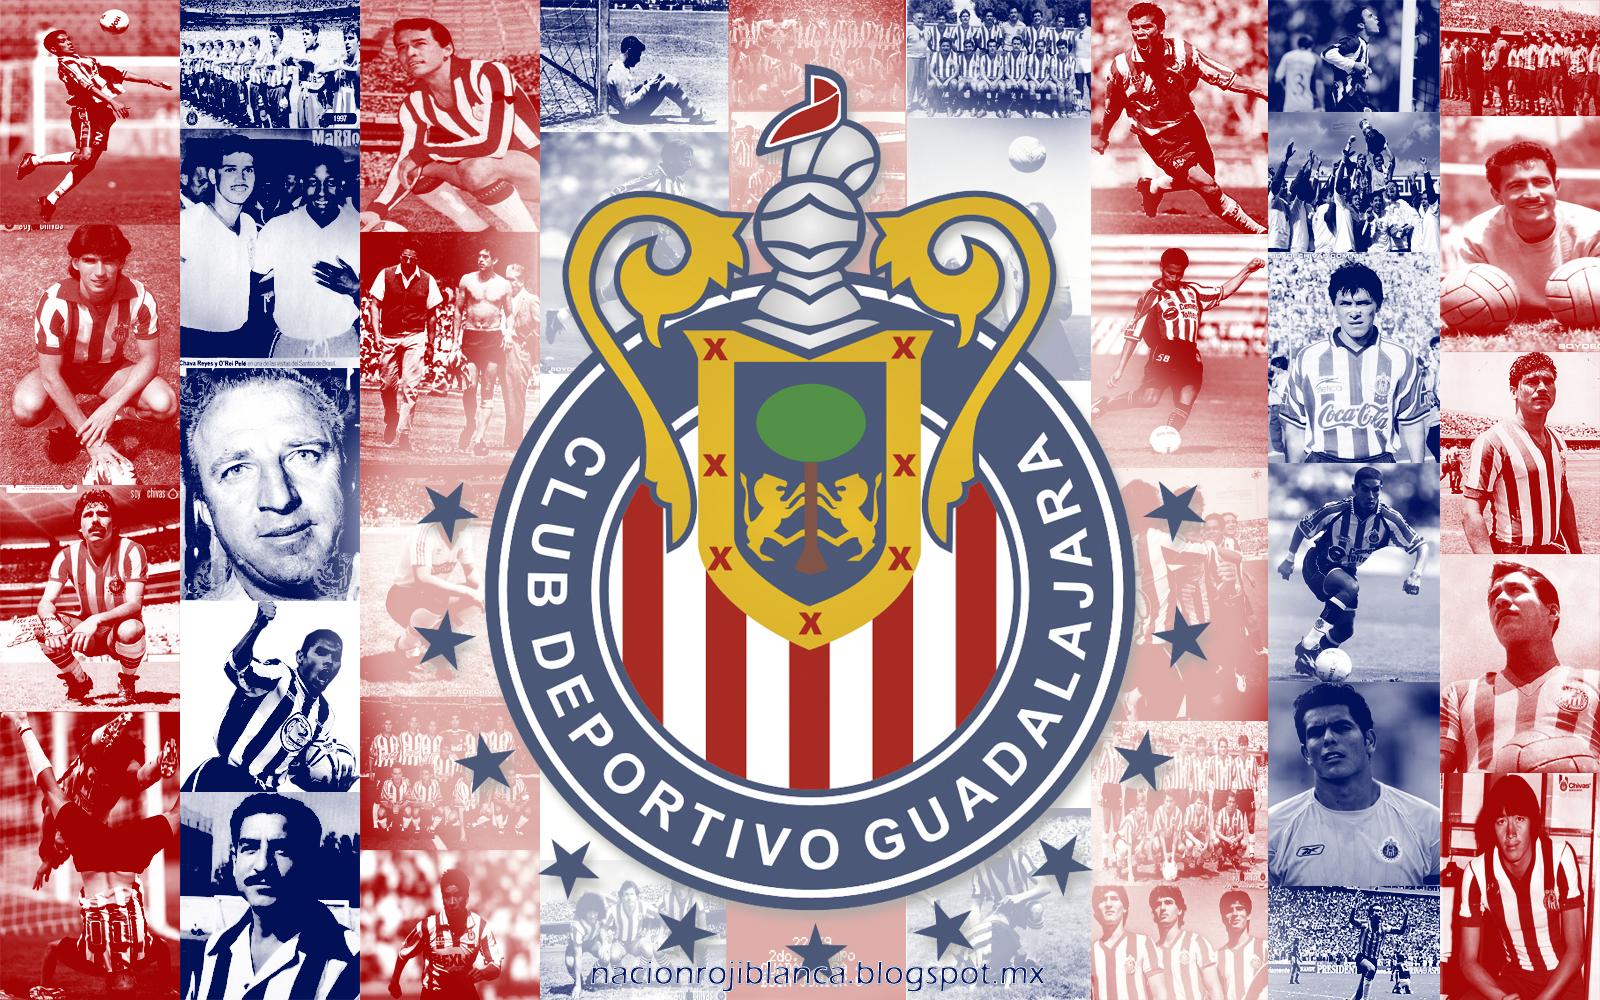 Chivas histricos wallpaper nacin rojiblanca chivas histricos wallpaper voltagebd Choice Image